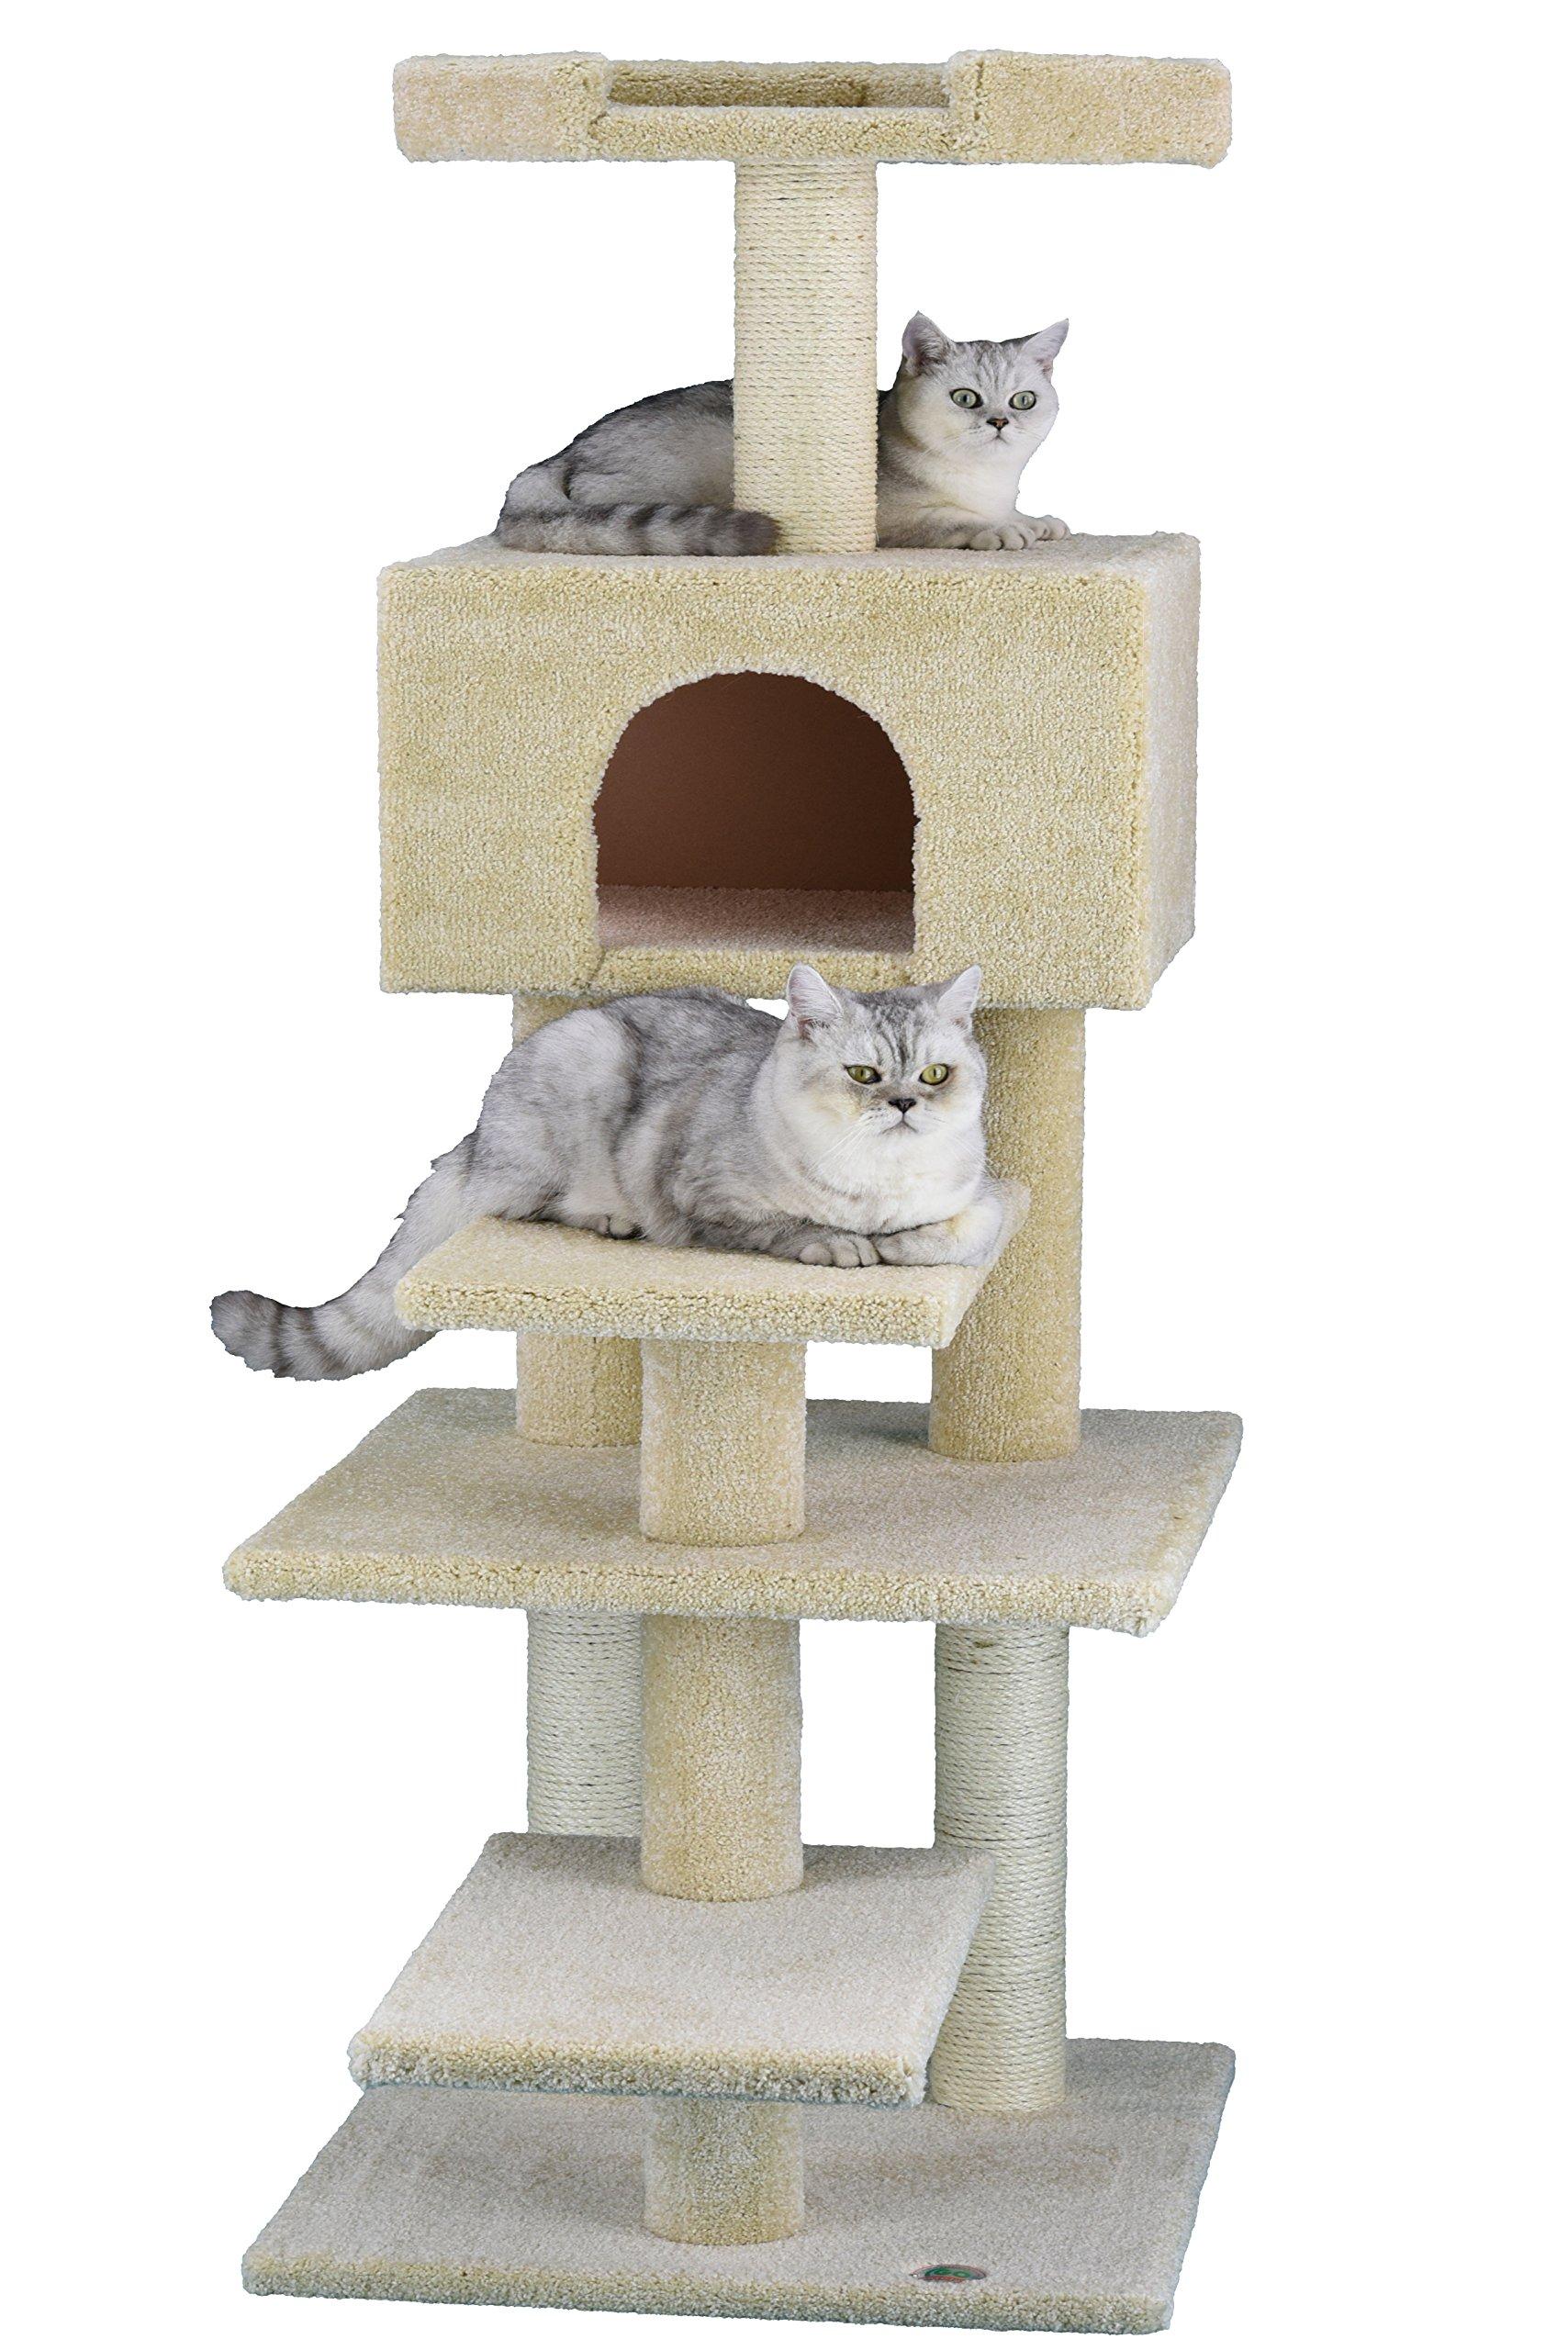 Go Pet Club LP-817 Premium Carpeted Cat Tree Furniture